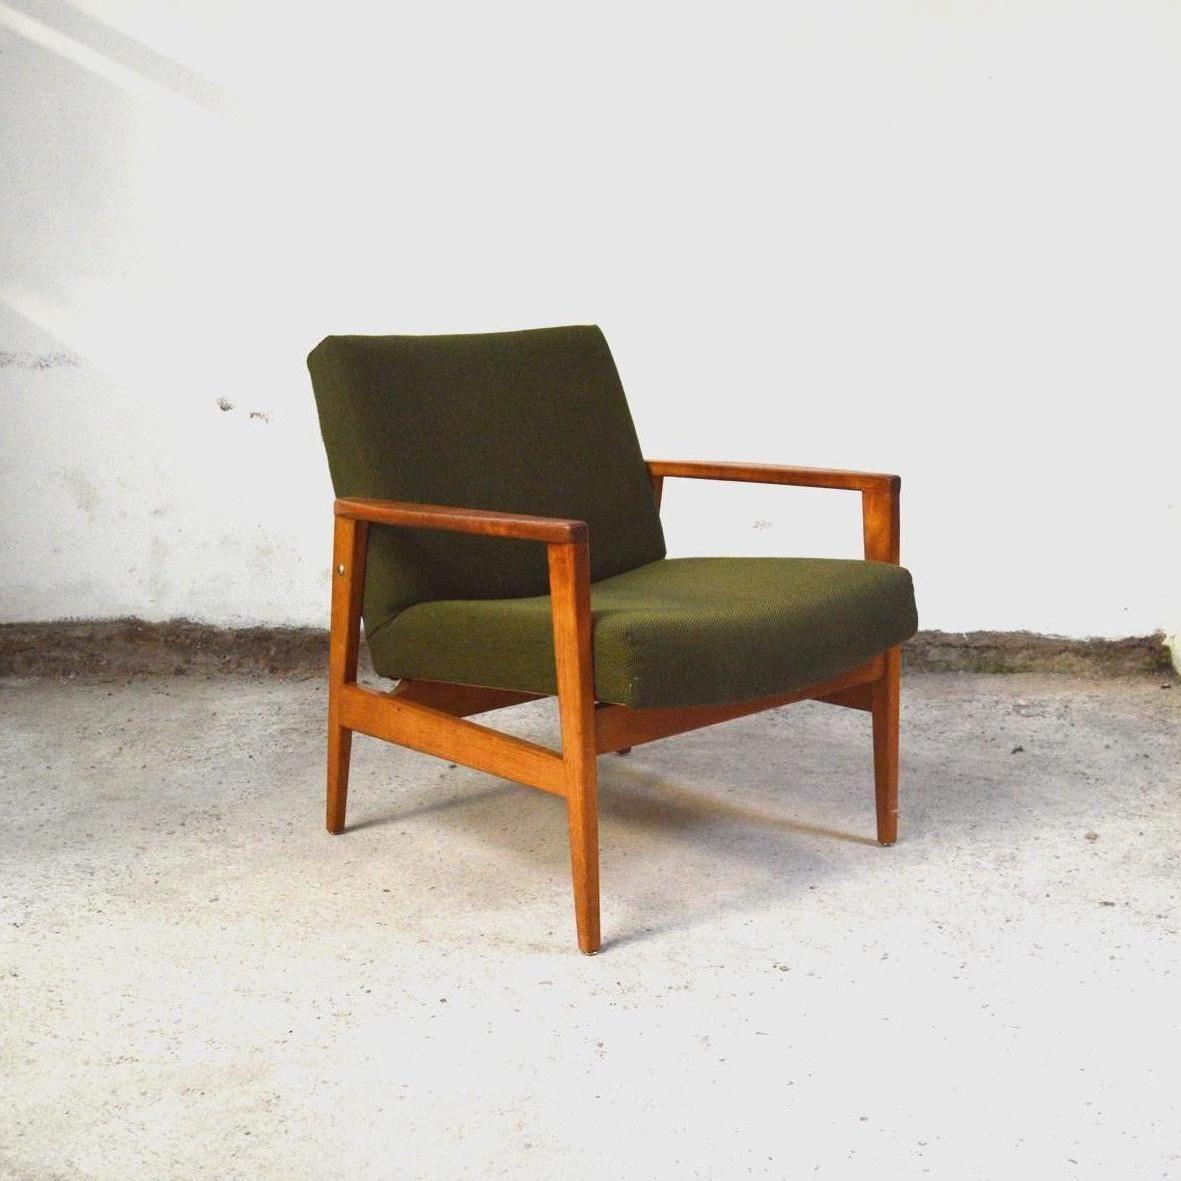 Skandinavische Vintage Teak Wohnzimmergarnitur bei Pamono kaufen